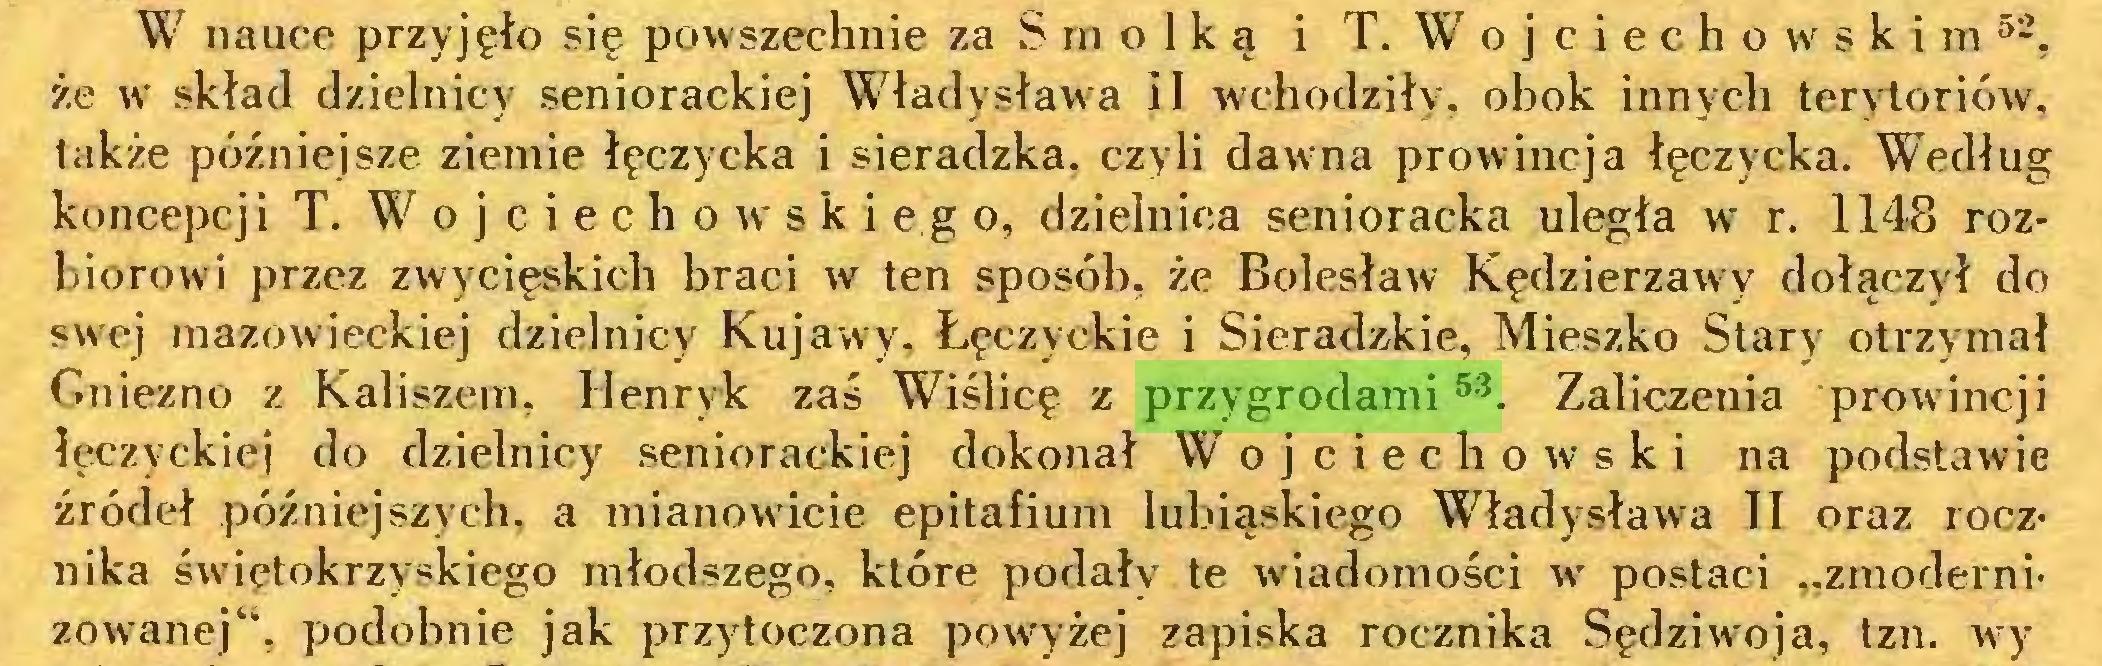 """(...) W nauce przyjęło się powszechnie za Smolką i T. Wojciechowskim52, że w skład dzielnicy seniorackiej Władysława ii wchodziły, obok innych terytoriów, także późniejsze ziemie łęczycka i sieradzka, czyli dawna prowincja łęczycka. Według koncepcji T. Wojciechowskiego, dzielnica senioracka uległa w r. 1148 rozbiorowi przez zwycięskich braci w ten sposób, że Bolesław Kędzierzawy dołączył do swej mazowieckiej dzielnicy Kujawy, Łęczyckie i Sieradzkie, Mieszko Stary otrzymał Gniezno z Kaliszem, Henryk zaś Wiślicę z przygrodami53  54, Zaliczenia prowincji łęczyckiej do dzielnicy seniorackiej dokonał Wojciechowski na podstawie źródeł późniejszych, a mianowicie epitafium lubiąskiego Władysława II oraz rocznika świętokrzyskiego młodszego, które podały te wiadomości w postaci """"zmodernizowanej"""", podobnie jak przytoczona powyżej zapiska rocznika Sędziwoja, tzn. wry..."""